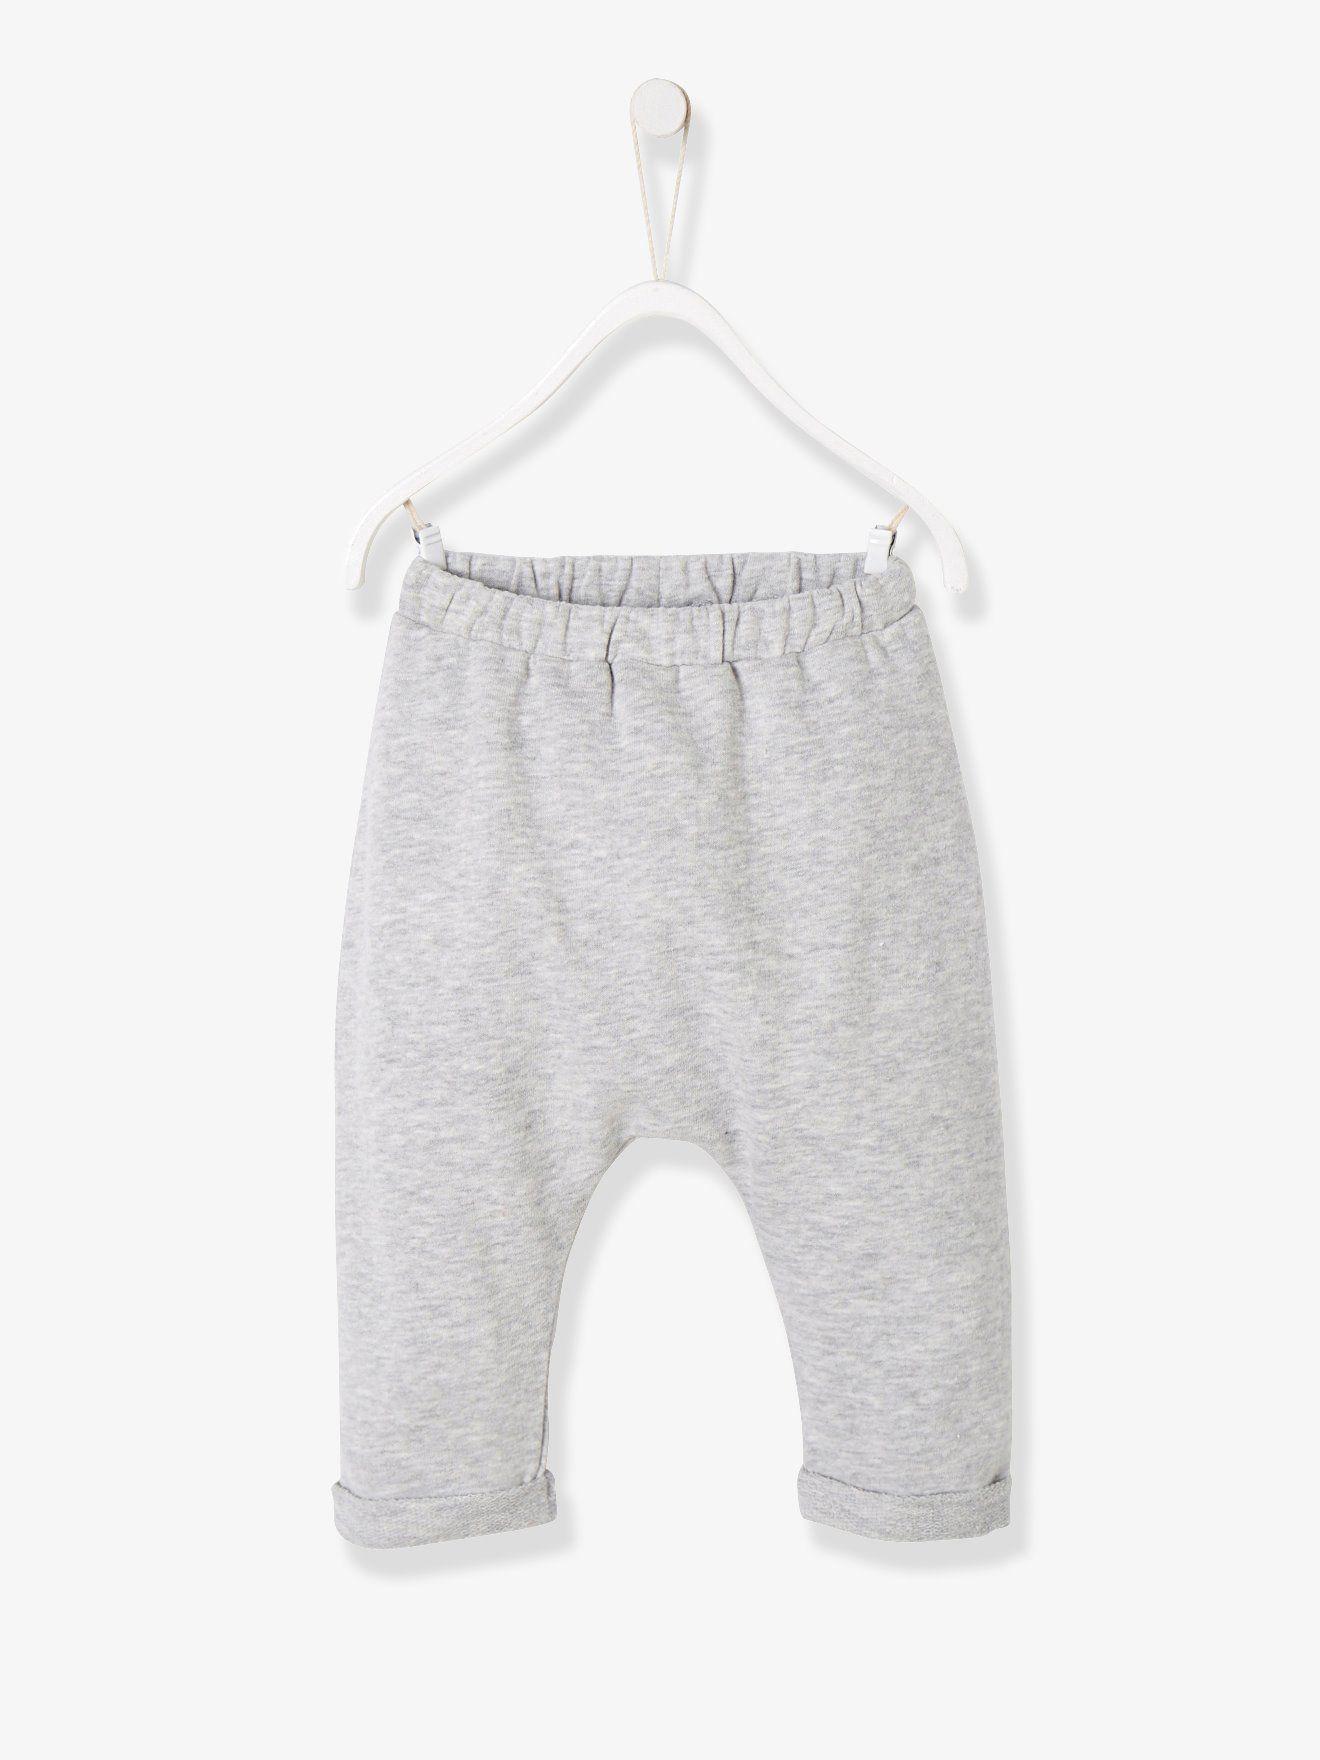 17f04d06e94f4 Pantalon volume sarouel bébé naissance en molleton gris chiné - Le bon  petit pantalon, tout